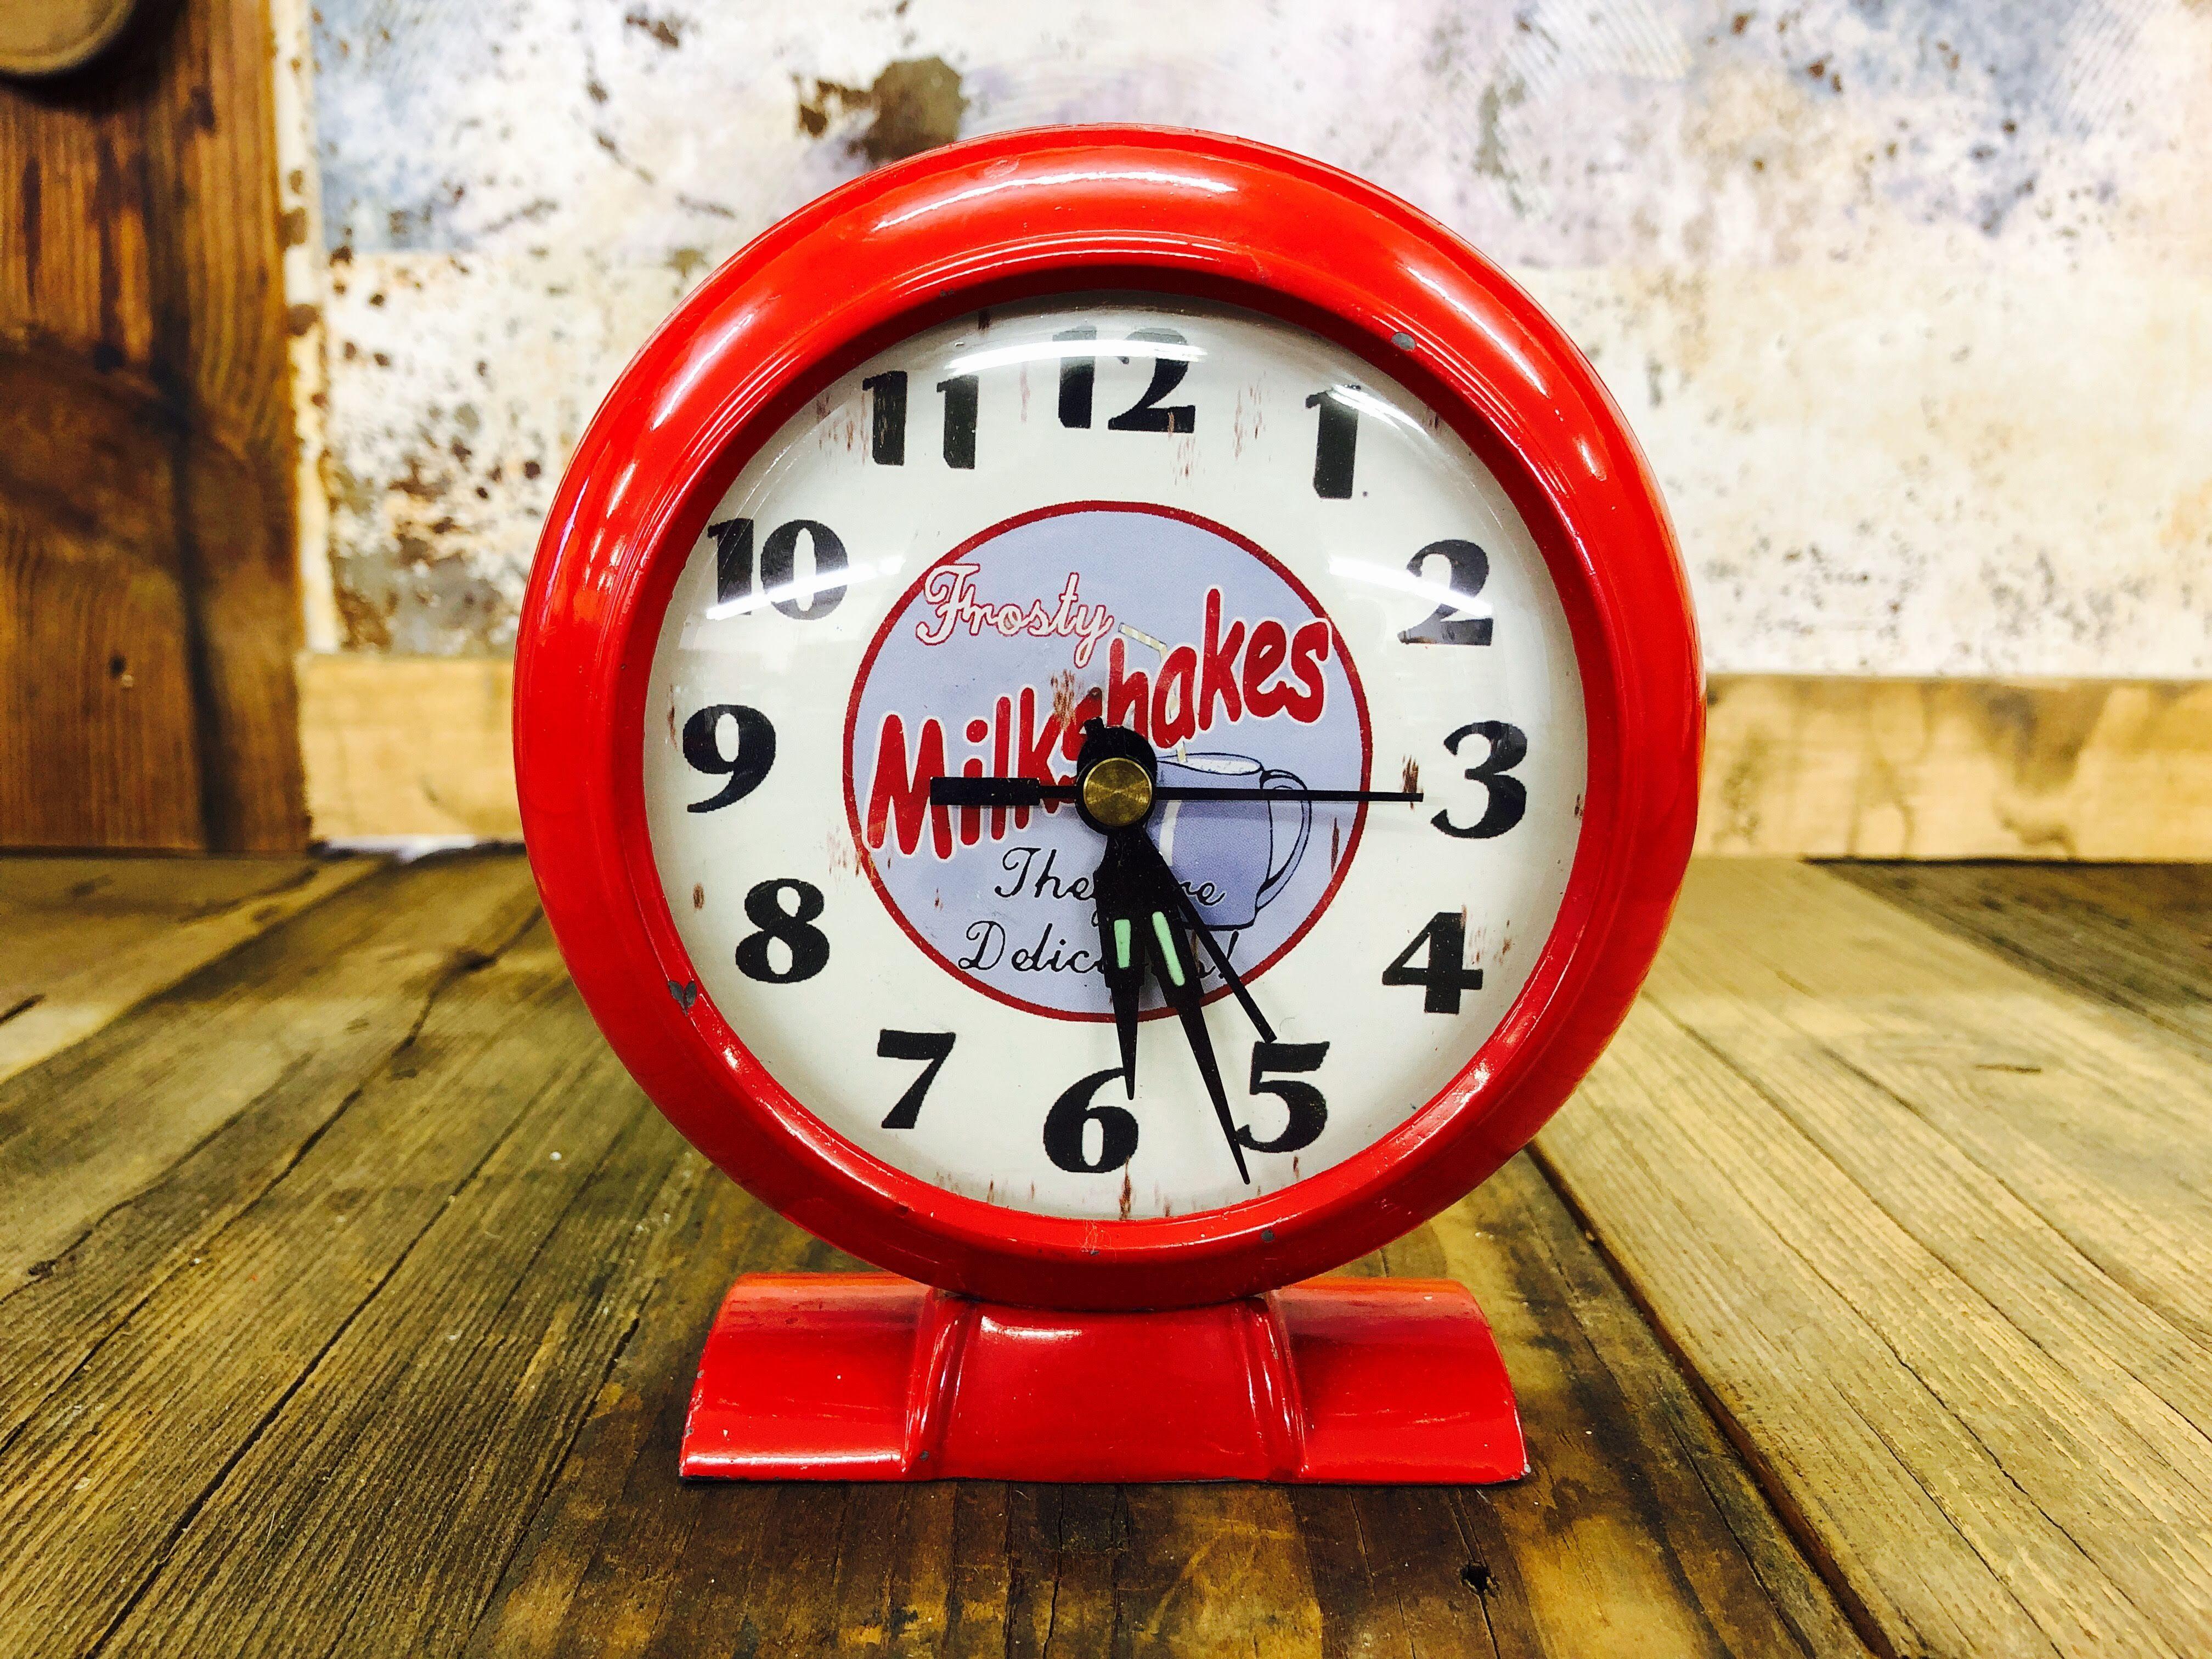 品番4875 置き時計 Frosty Milkshakes レッド インテリア アンティーク ヴィンテージ